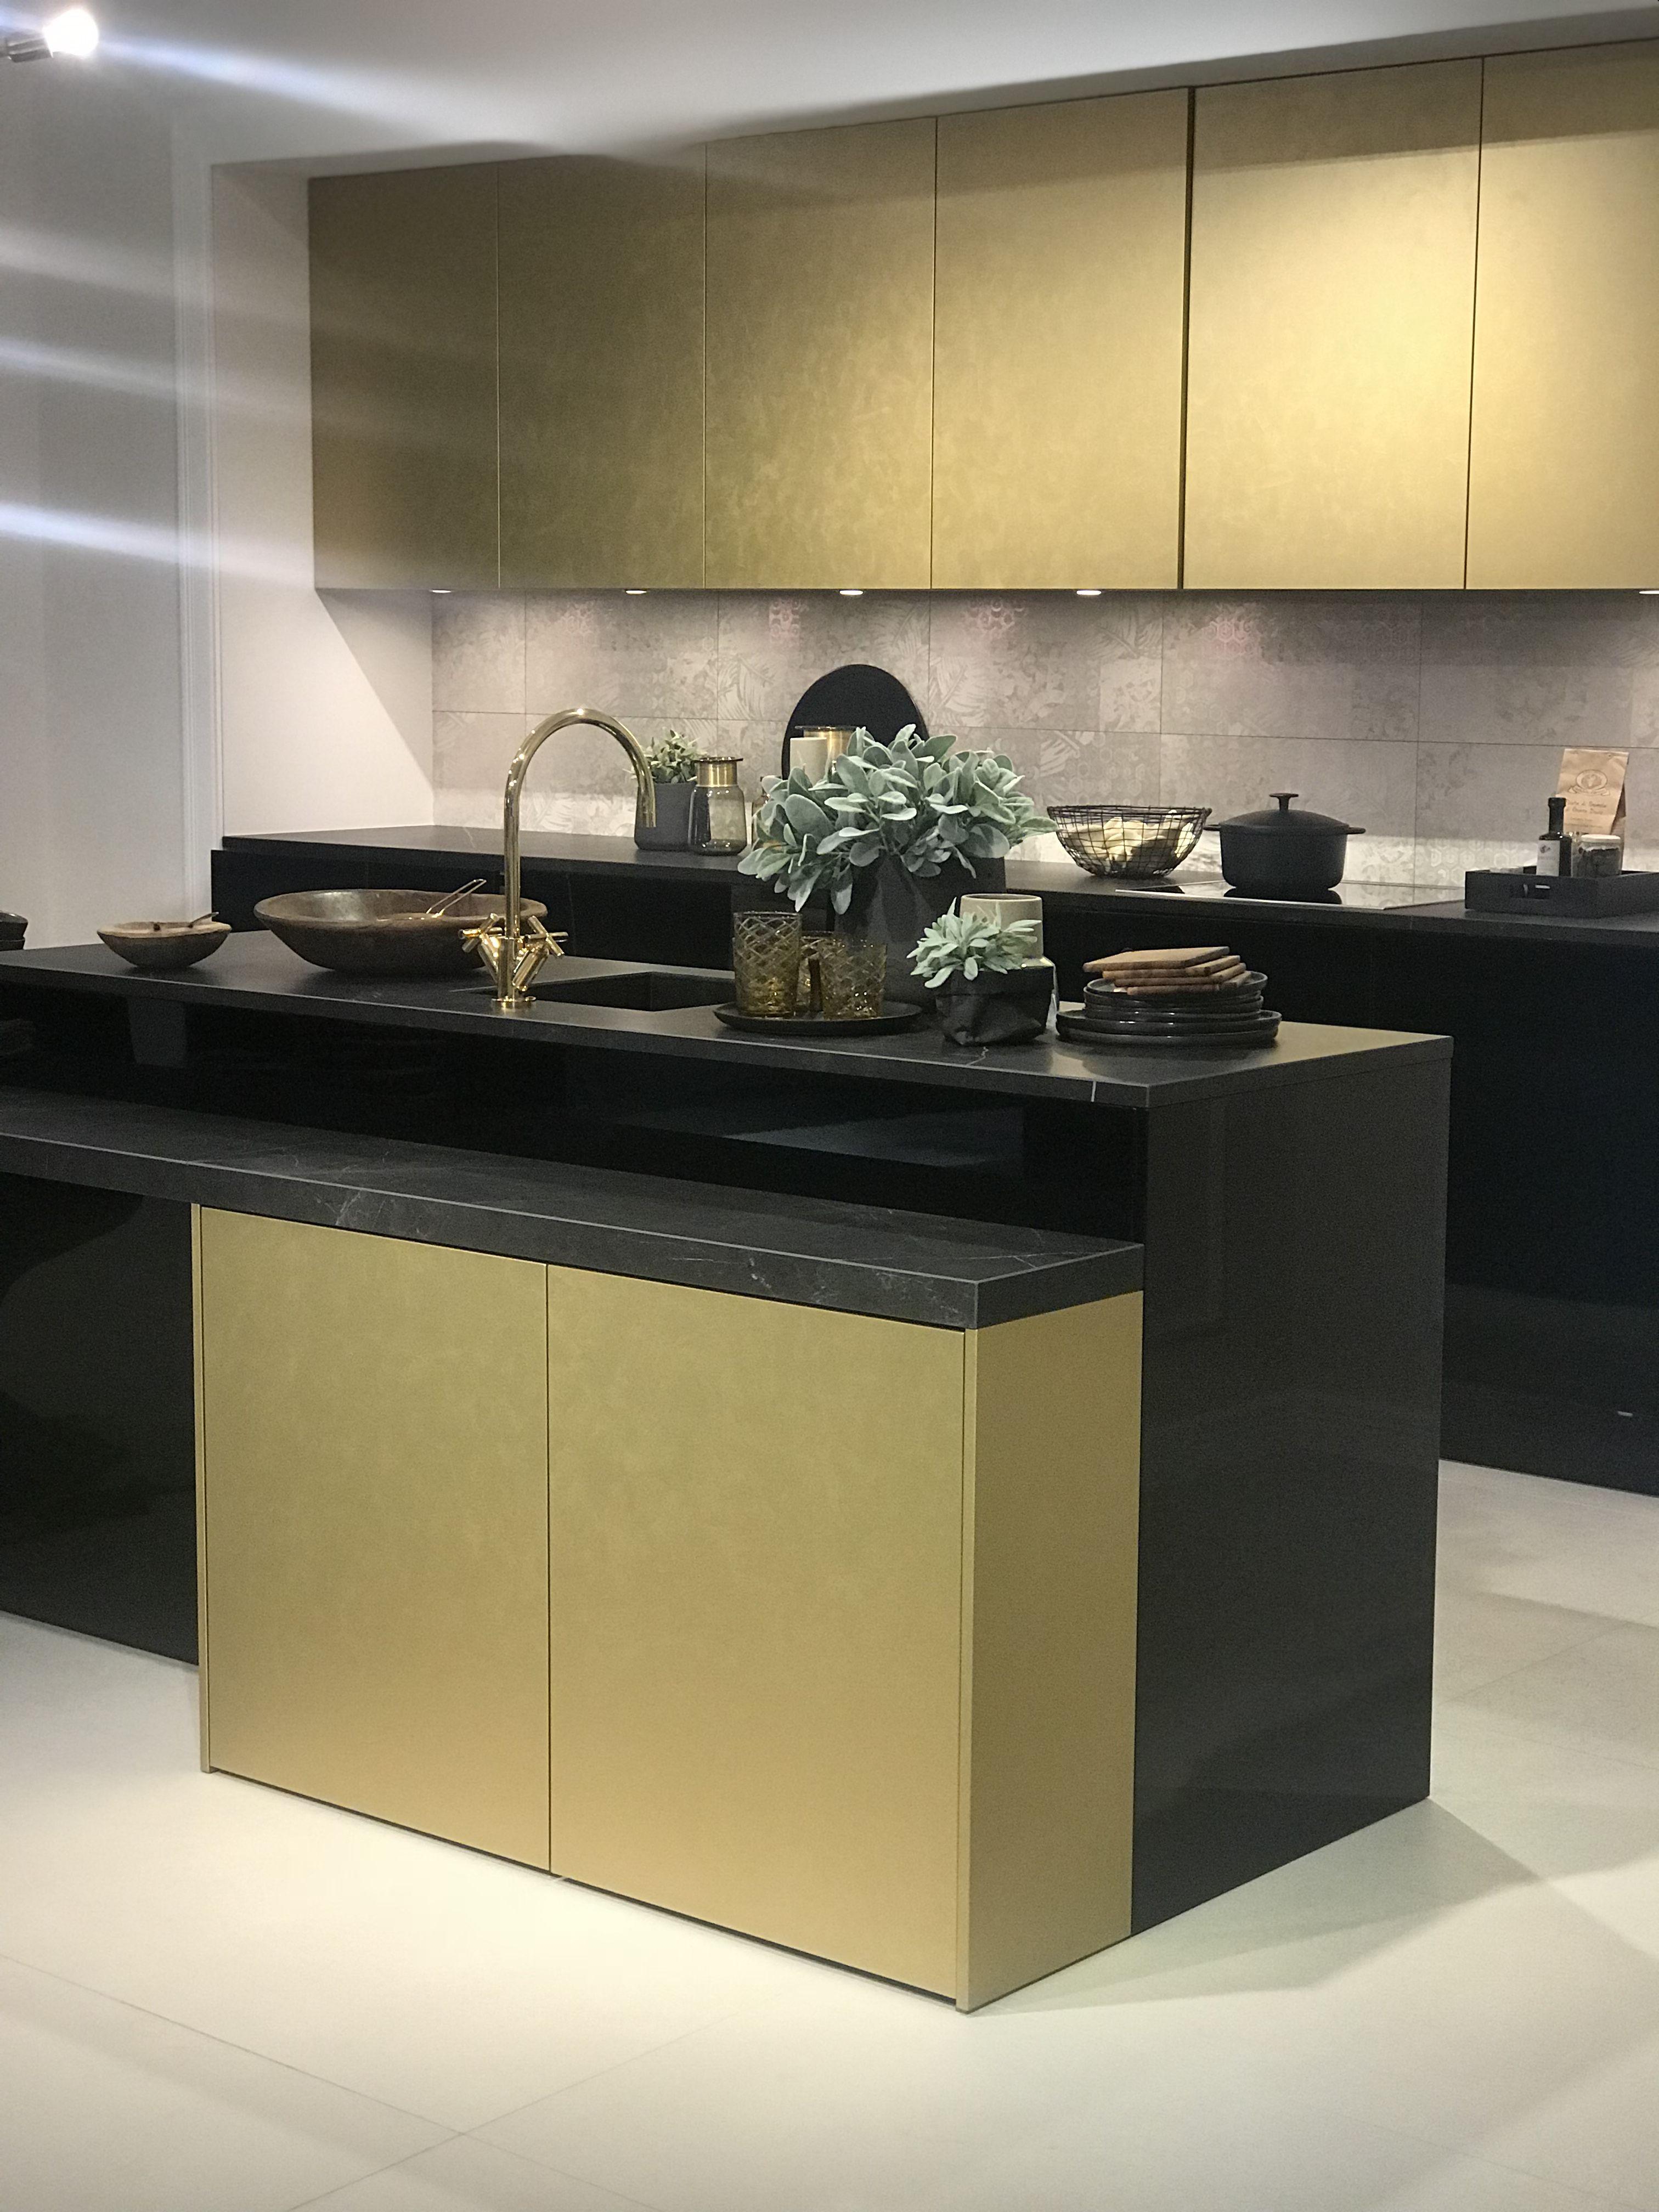 Ein Traumküche in gold und schwarz #kitchen #küche #küchenideen ...